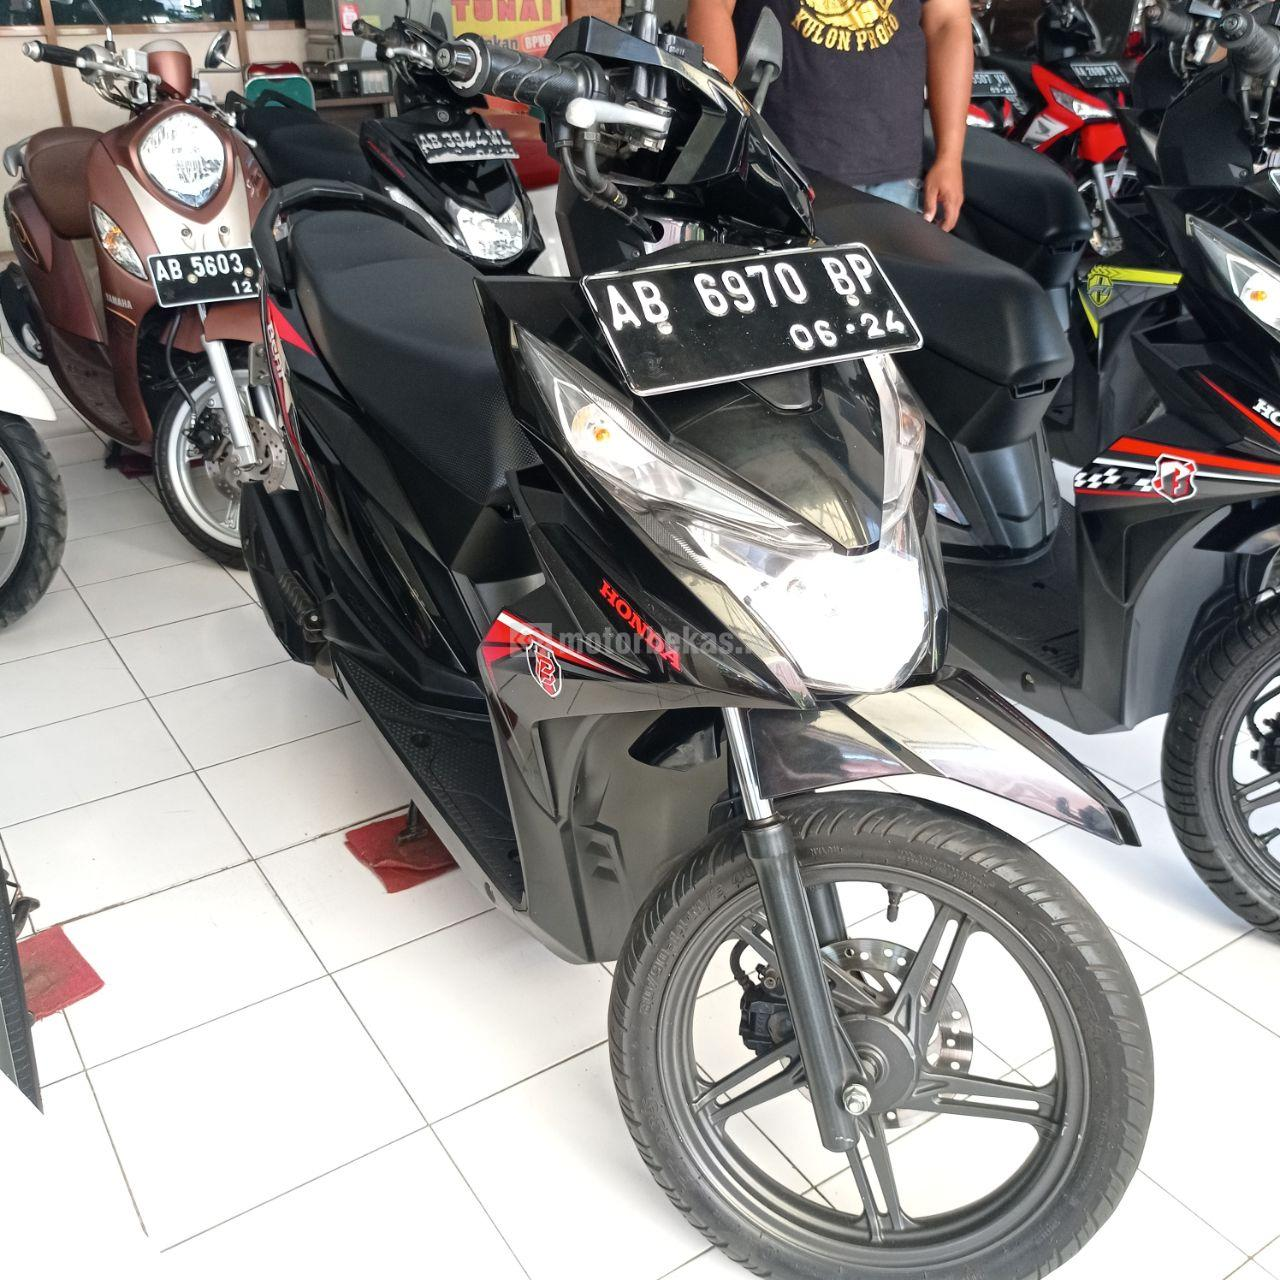 HONDA BEAT  461 motorbekas.id